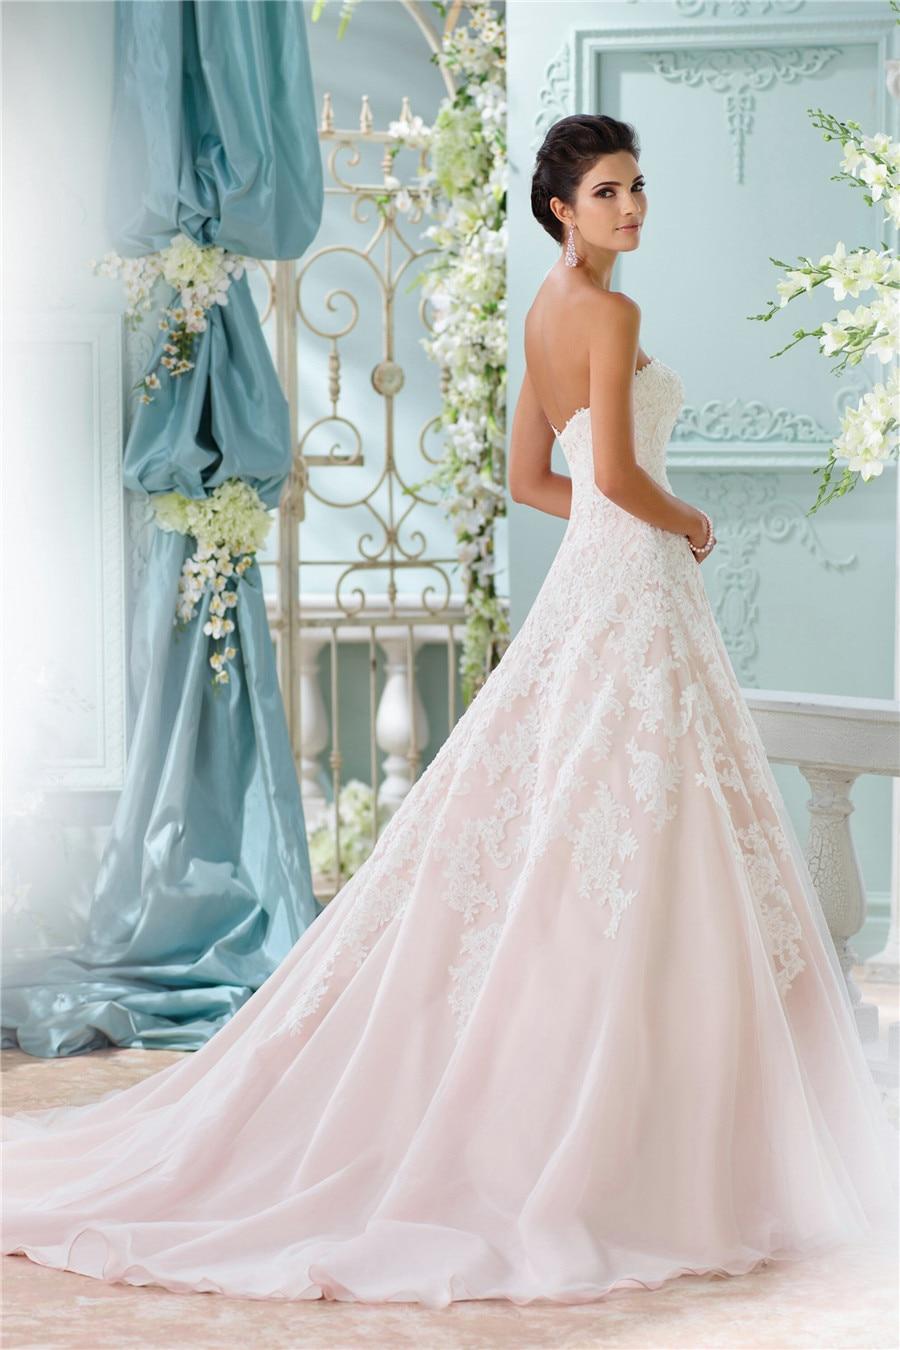 Colorful Sabelle Wedding Dress Vignette - All Wedding Dresses ...